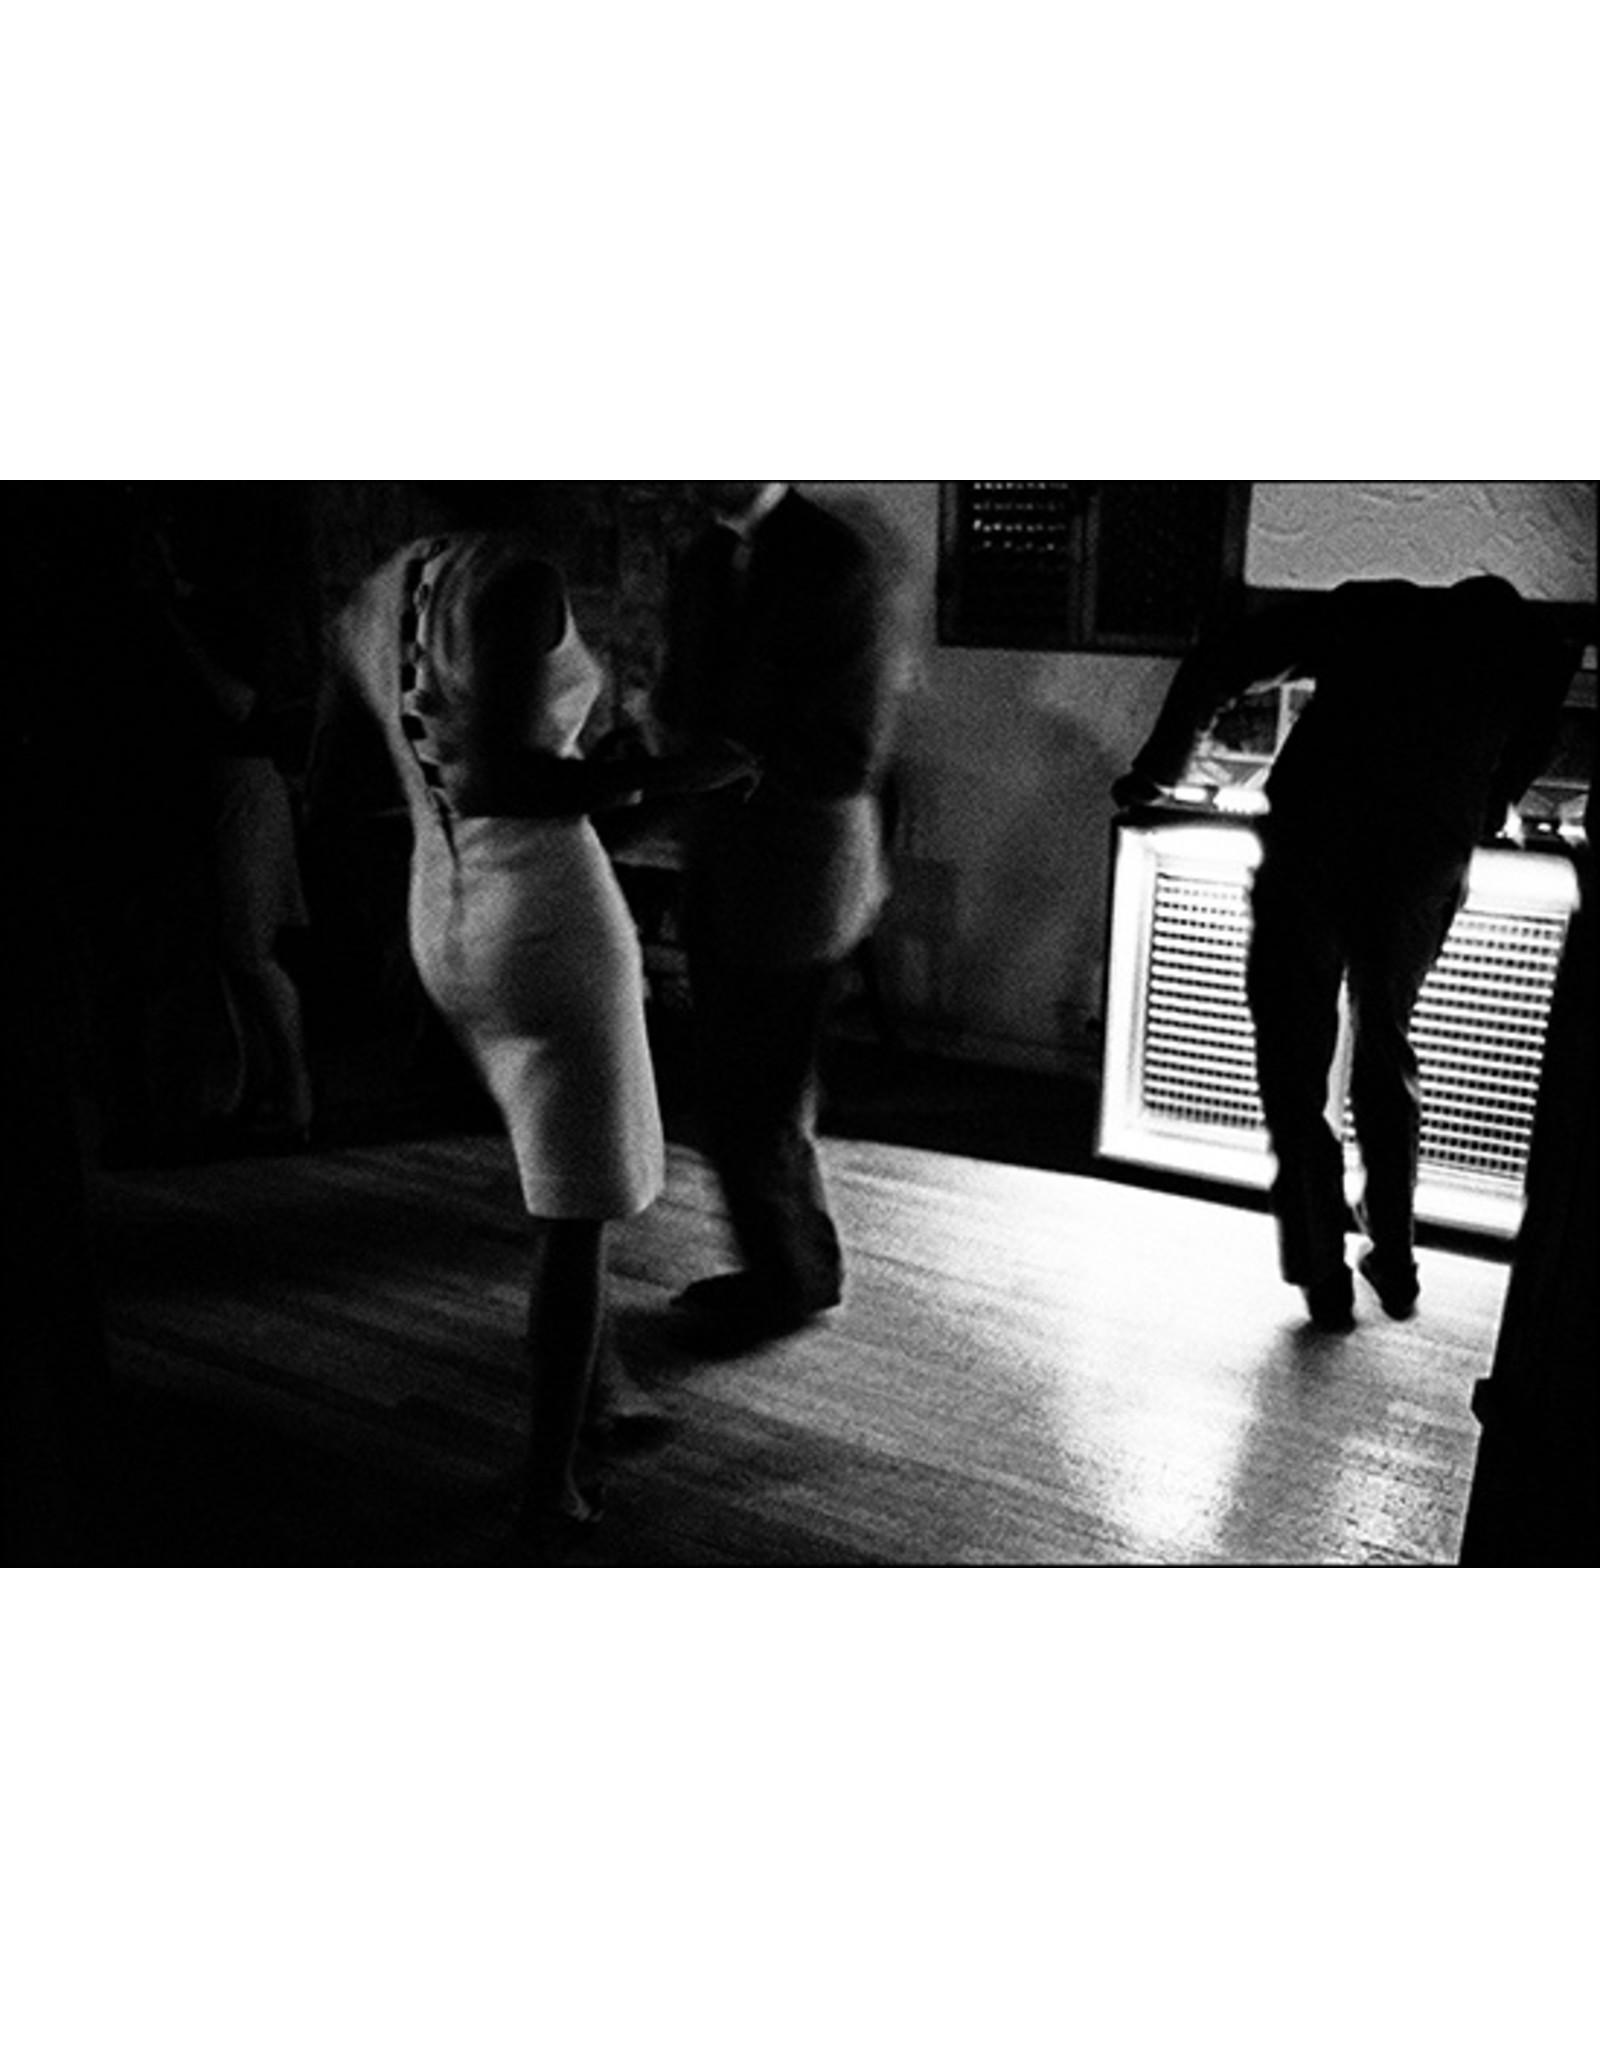 Ian Berry Couple Dancing in a Nightclub, Whitechapel, London. Ian Berry (1)